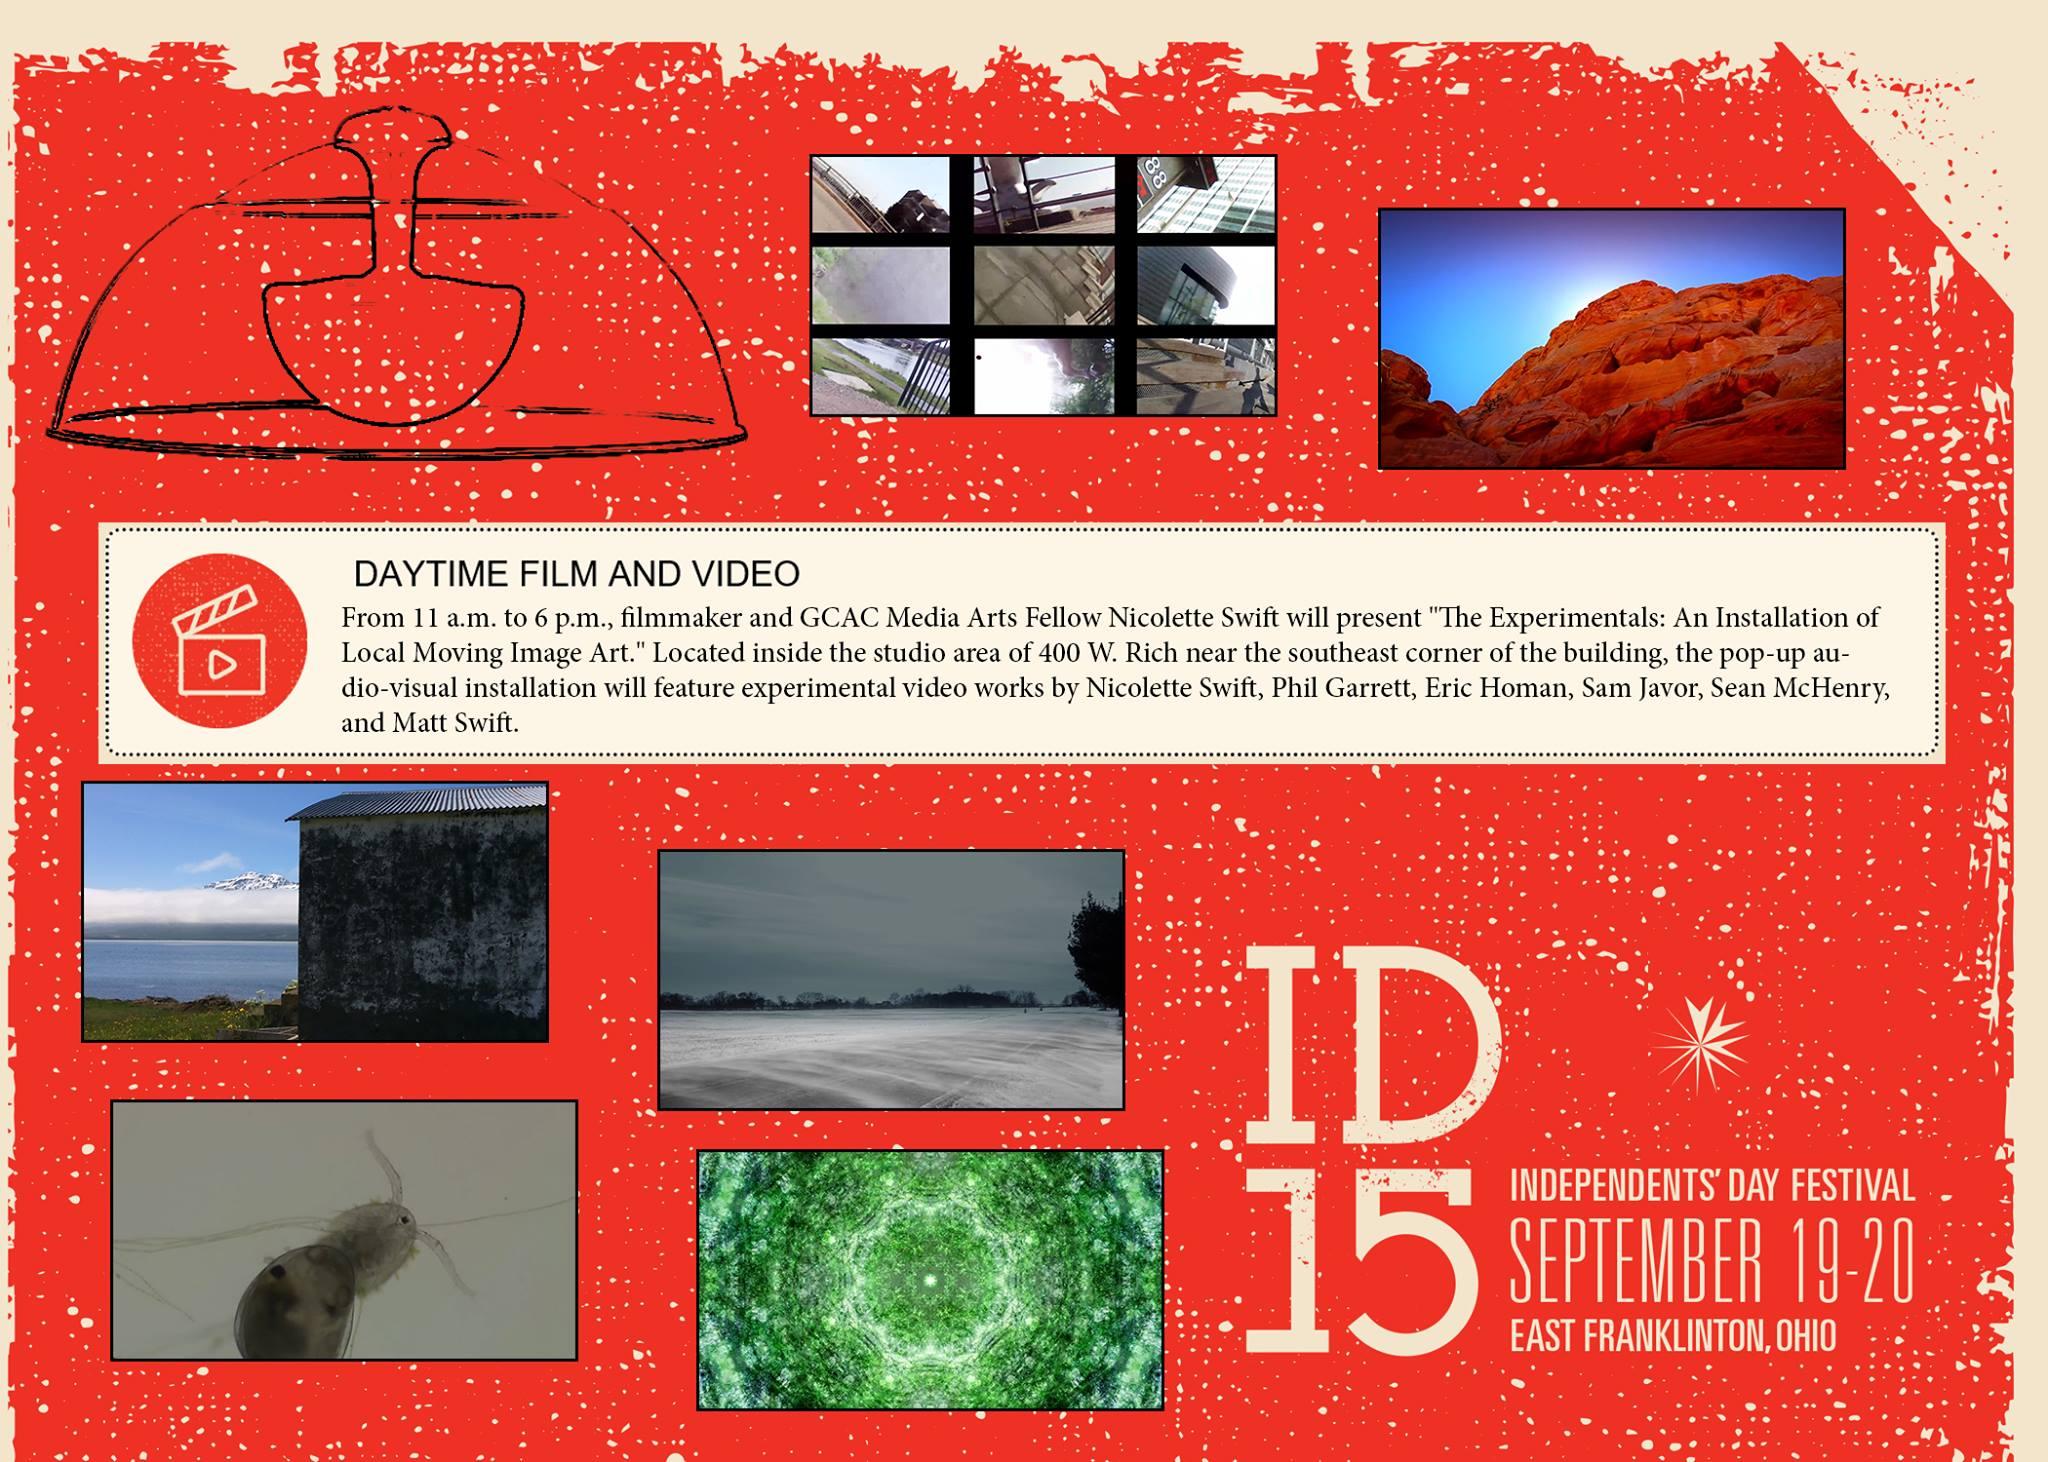 id2015-experimentals